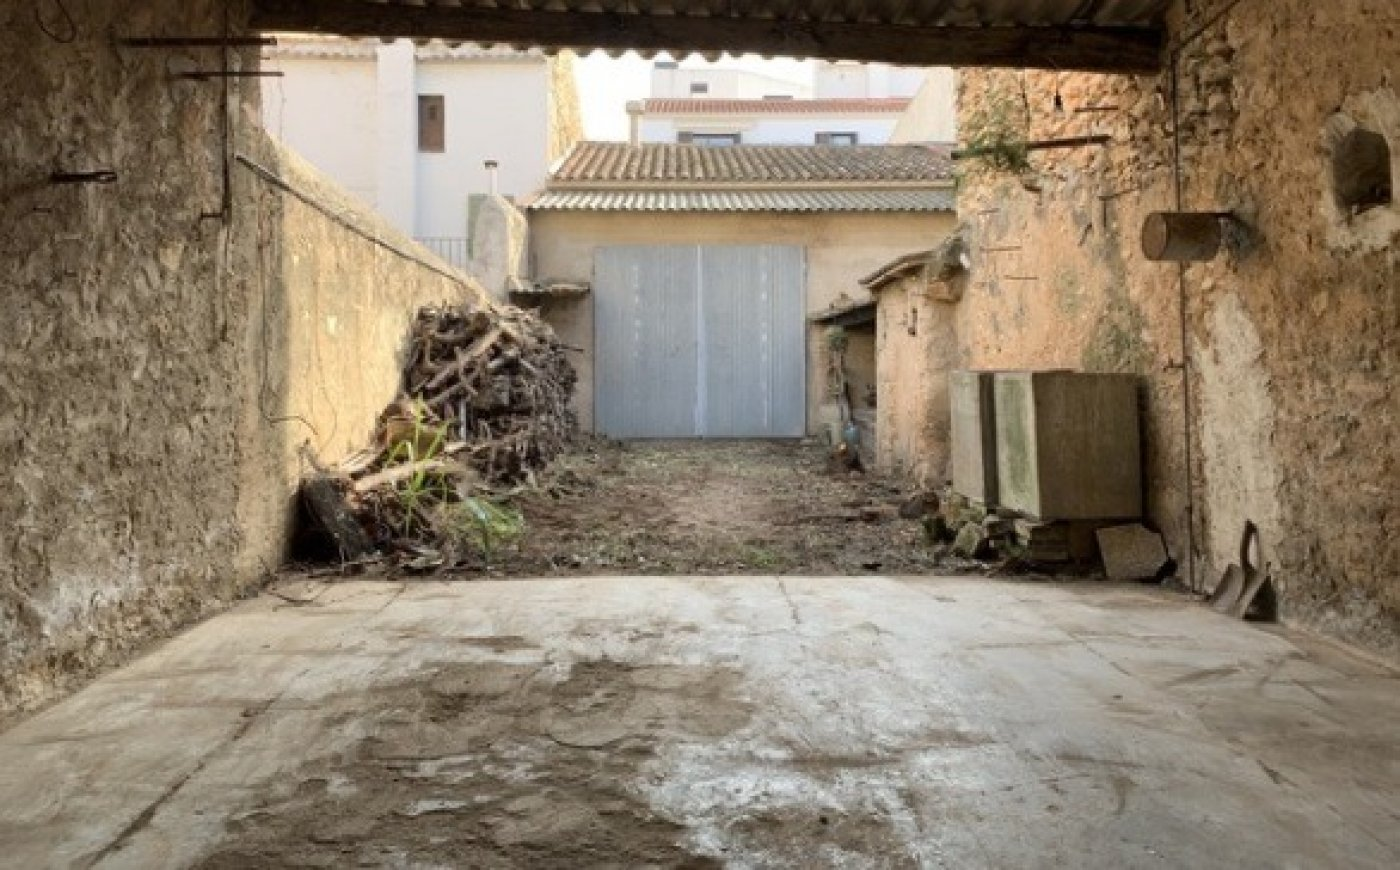 Casa almacén solar a rehabilitar en vendrell centro - imagenInmueble9